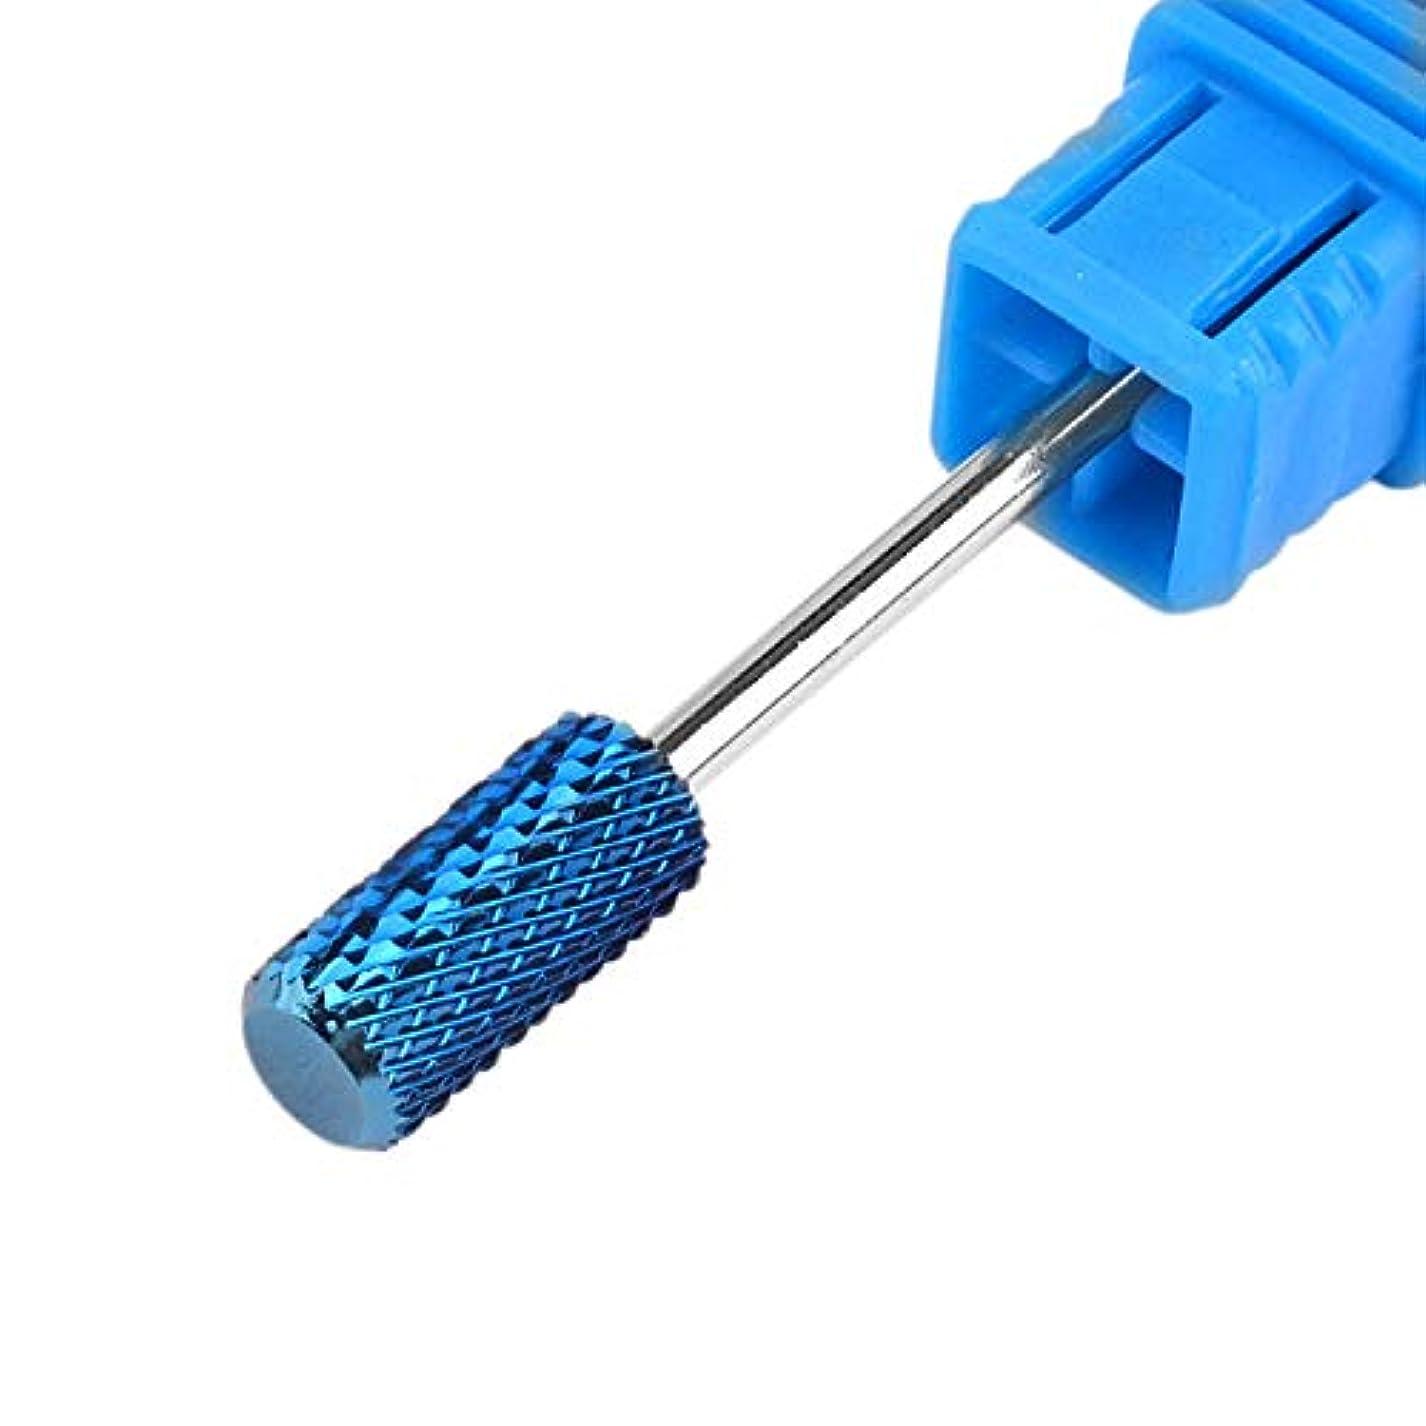 不変接続ベッドRETYLY Co8 タングステン鋼 ネイル用 メッキ タングステン鋼の研削ヘッド シングル-タイプ 電動ネイル用研削盤のツール